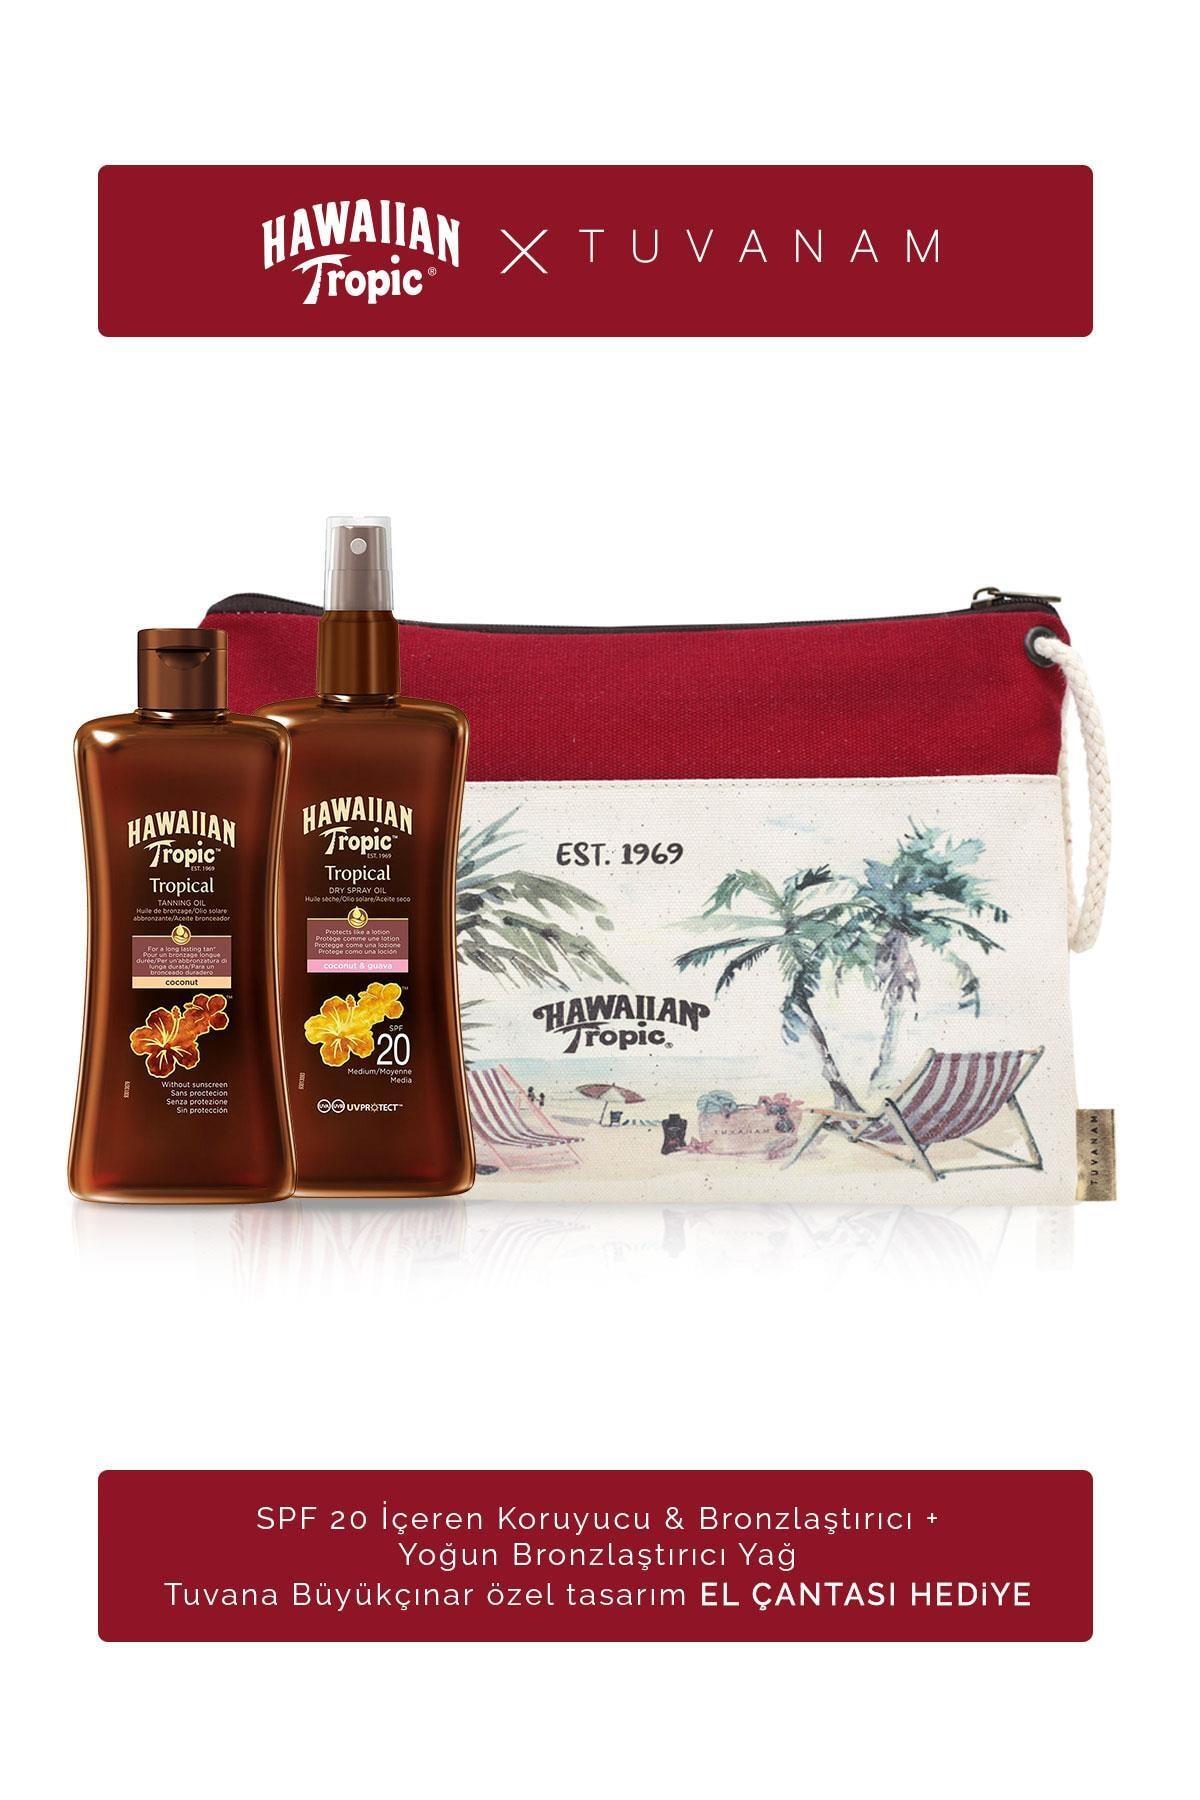 Hawaiian Tropic Spf 20 Koruyucu&Bronzlaştırıcı + Bronzlaştırıcı + Tuvanam El Çantası Hediye